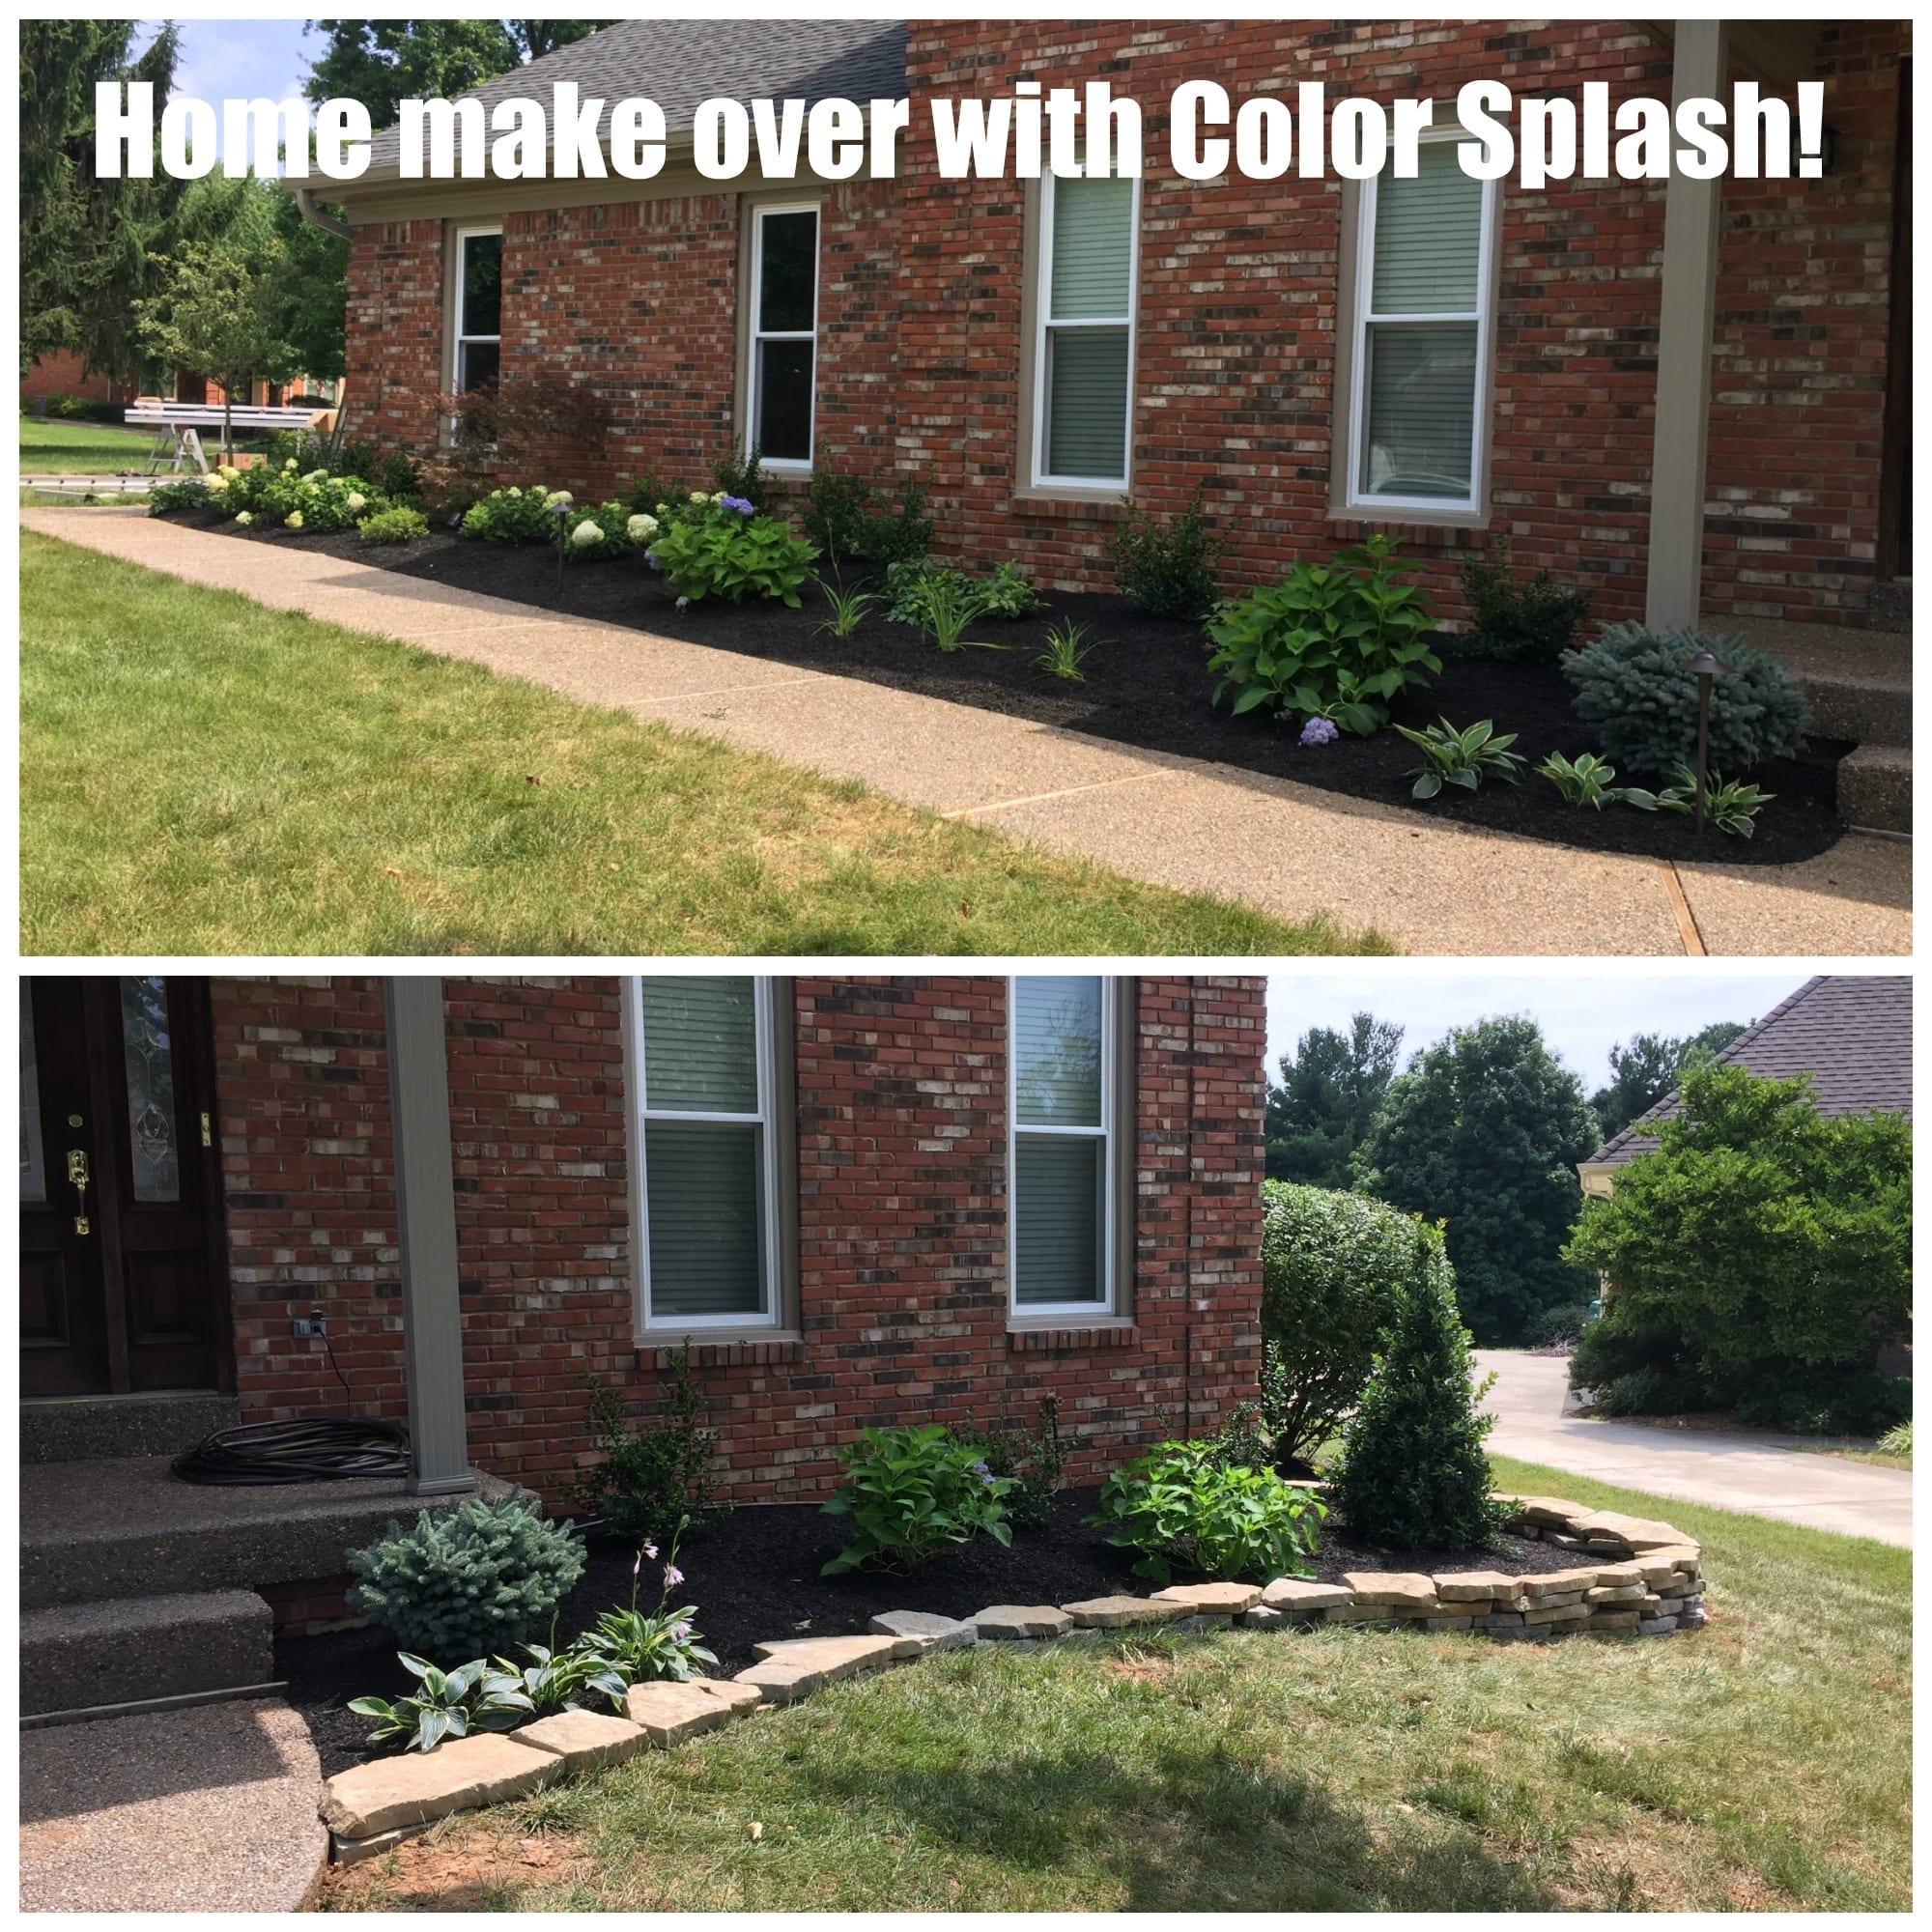 Color splash landscaping